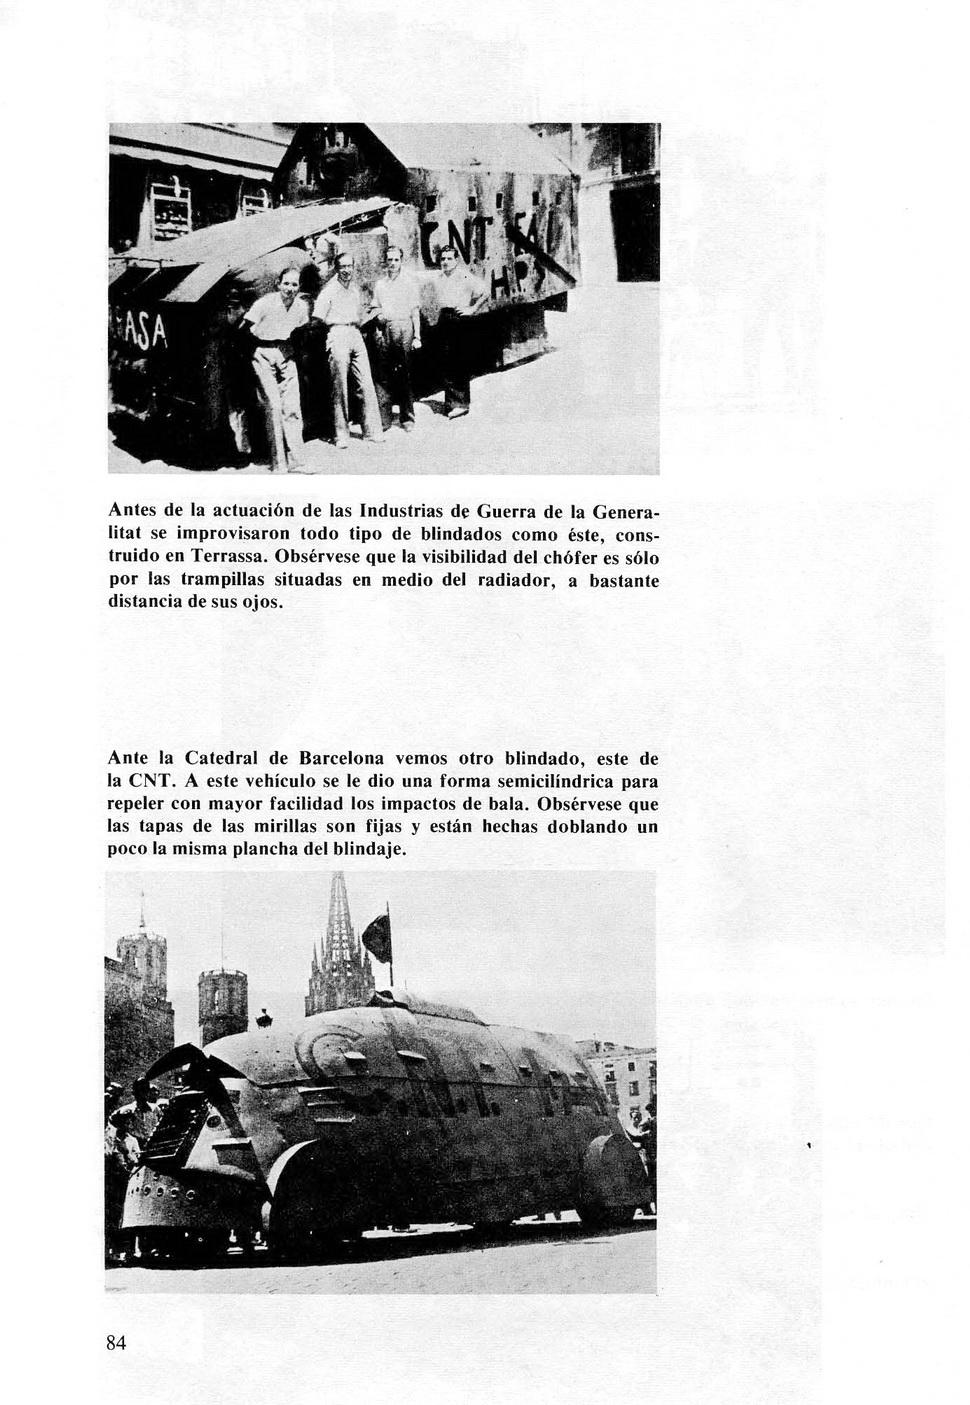 Carros De Combate Y Vehiculos Blindados De La Guerra 1936 1939 [F.C.Albert 1980]_Страница_082.jpg